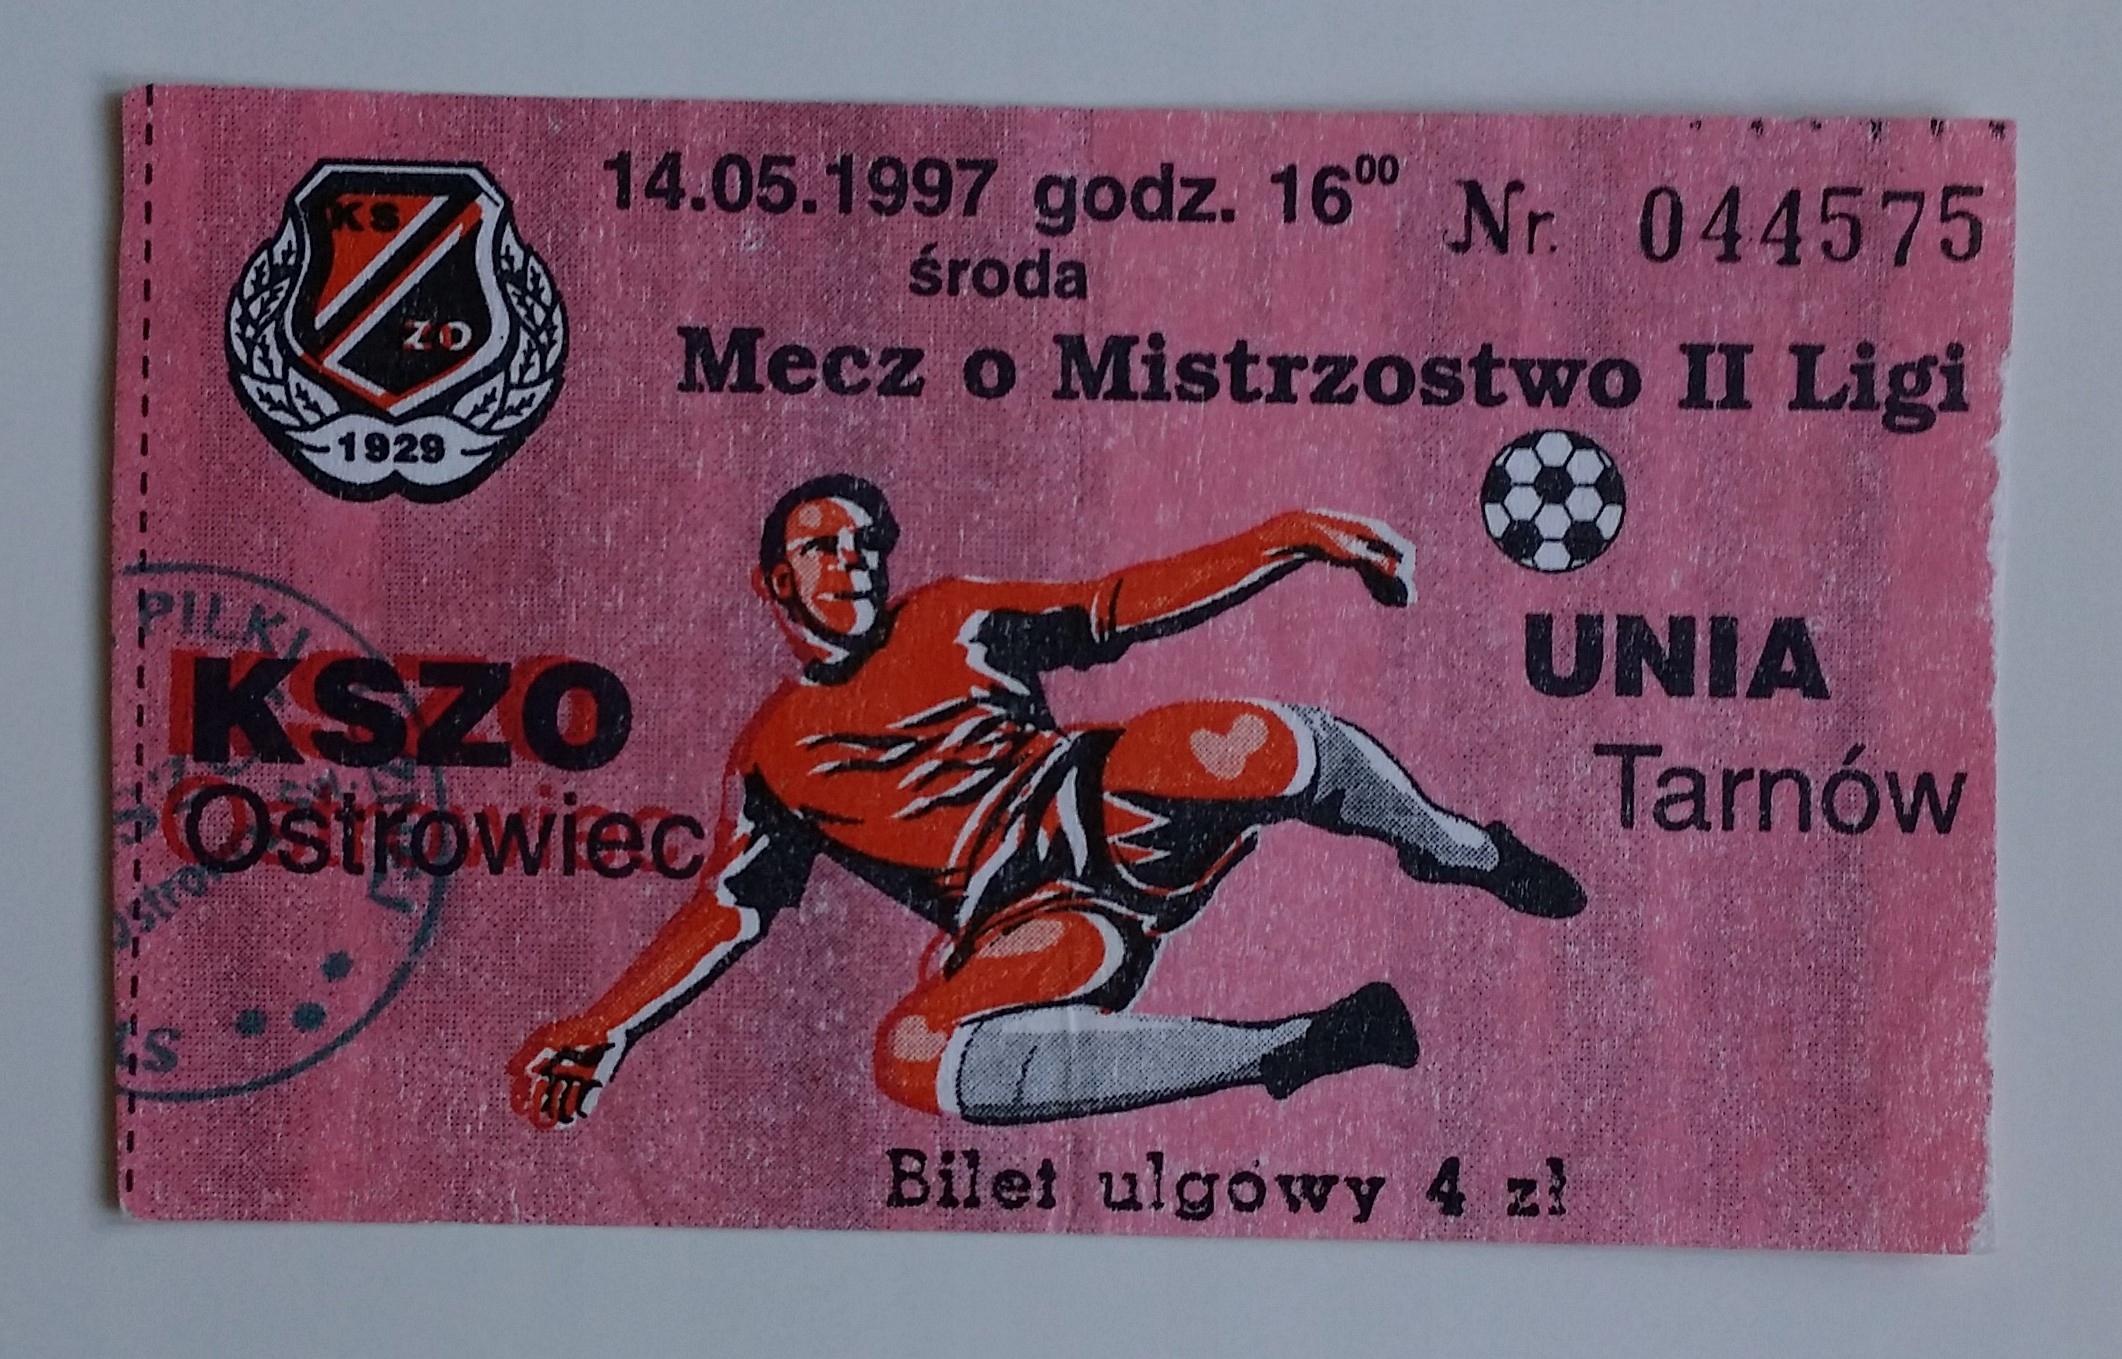 Bilet KSZO Ostrowiec - Unia Tarnów 14.05.1997